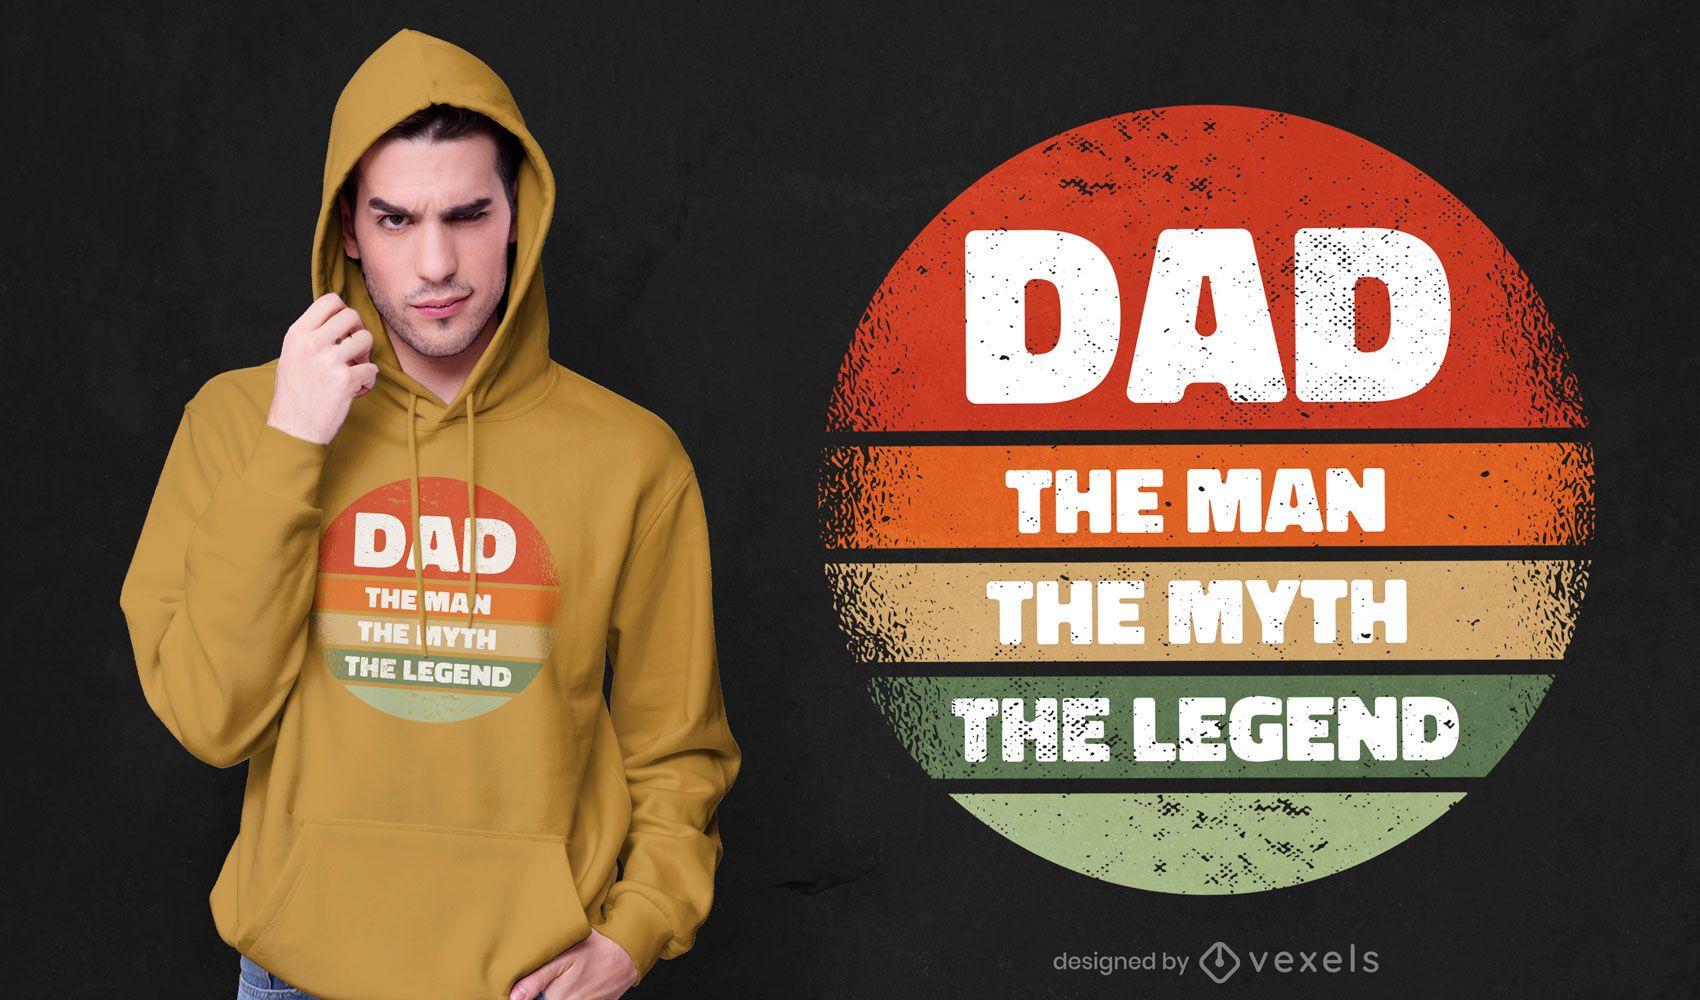 Dad the man t-shirt design